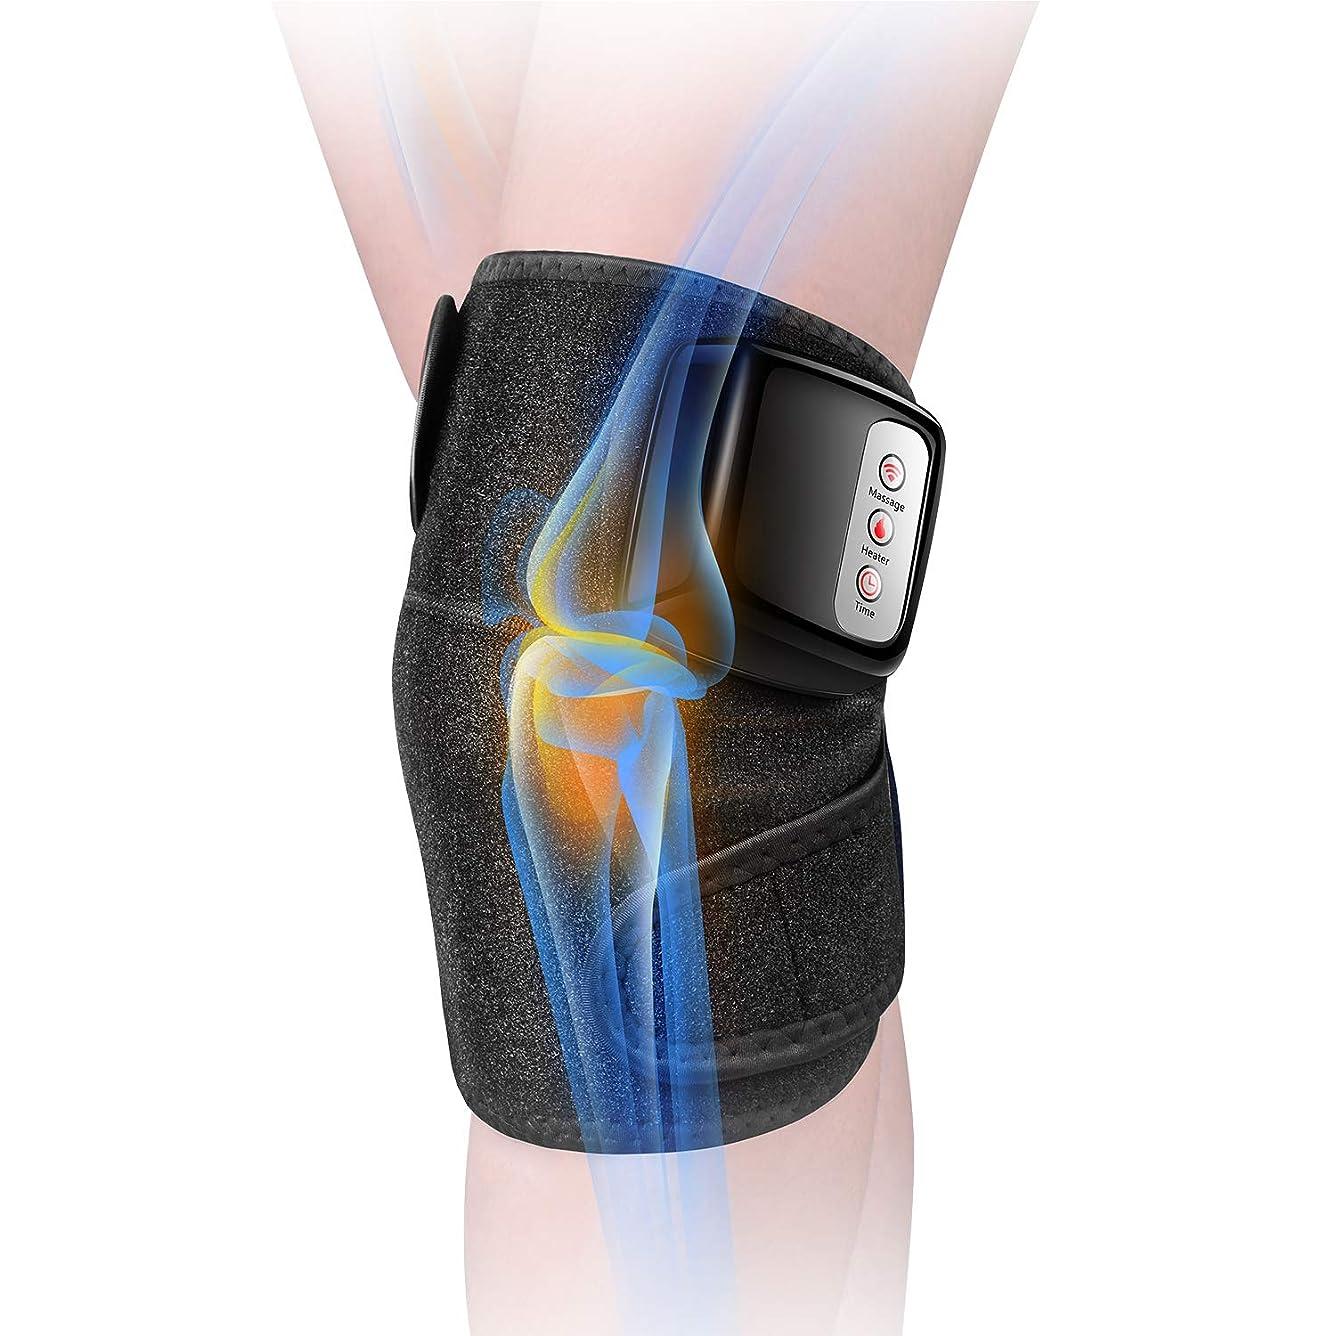 残る反射細心のマッサージ器 フットマッサージャー 膝マッサージャー ひざ 太もも 腕 肩 肘 ヒーター付き 振動 マッサージ機 レッグマッサージャー 通気性 赤外線療法 膝サポーター ストレス解消 温熱マッサージ